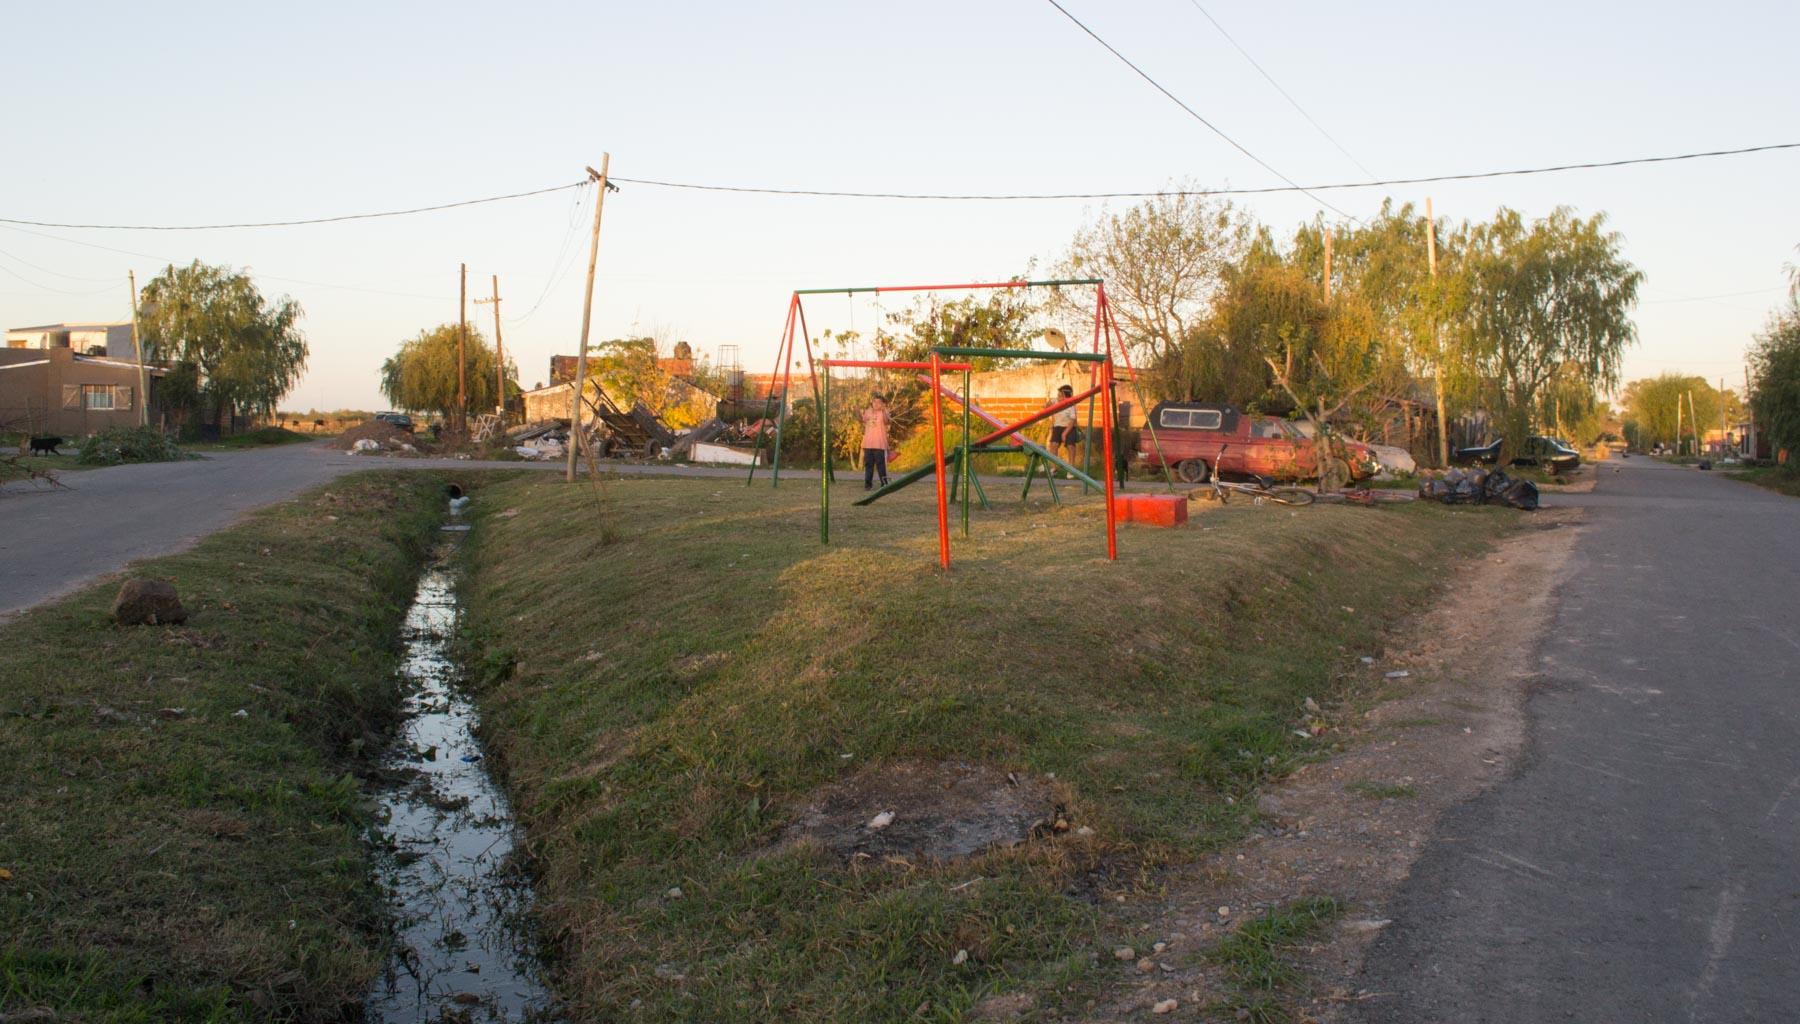 El agua en 3 de cada 4 casas del barrio Savoia, en City Bell, está contaminada. (Foto Alejandro Palladino)